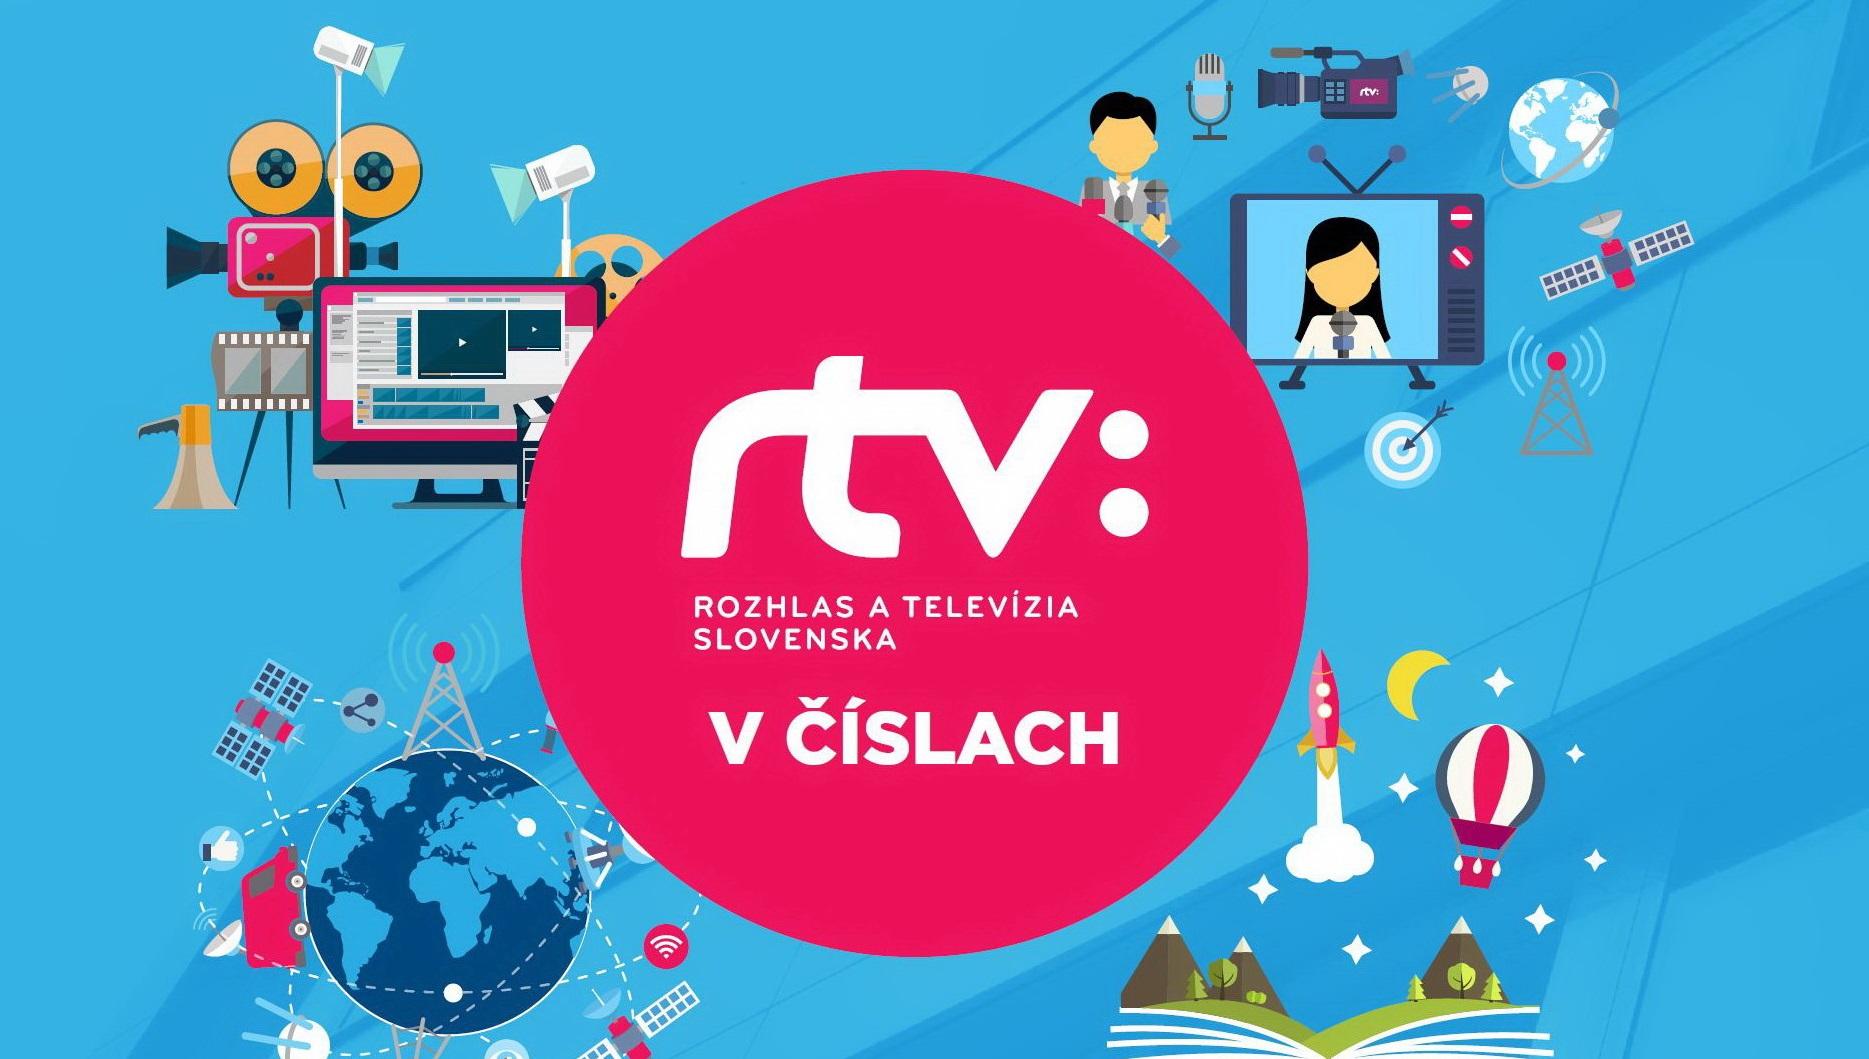 RTVS - posun verejnoprávneho média za ostatných päť rokov